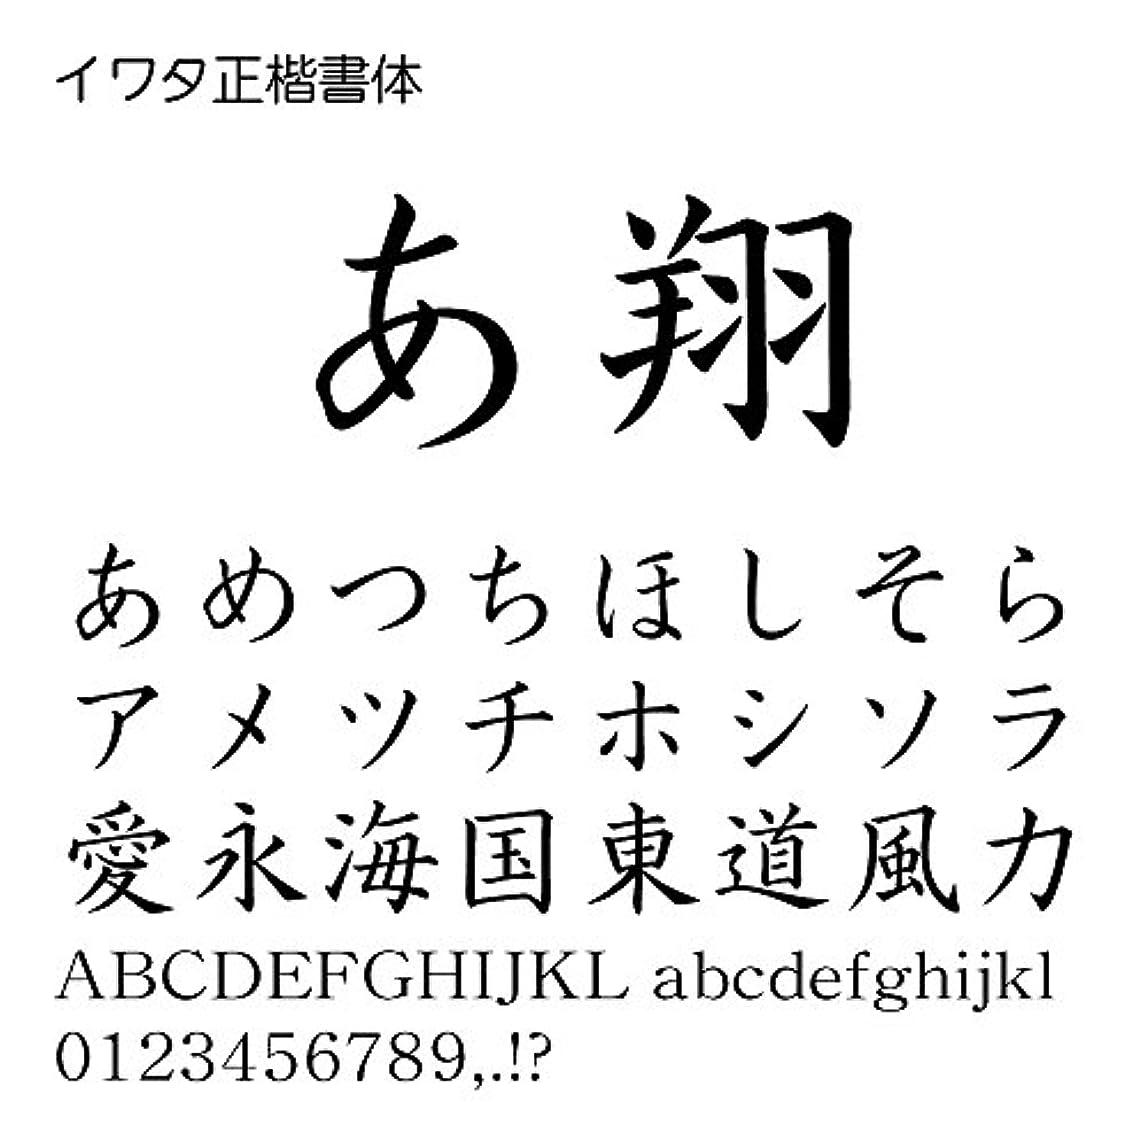 命題おじいちゃんコーラスイワタ正楷書体Pro OpenType Font for Windows [ダウンロード]